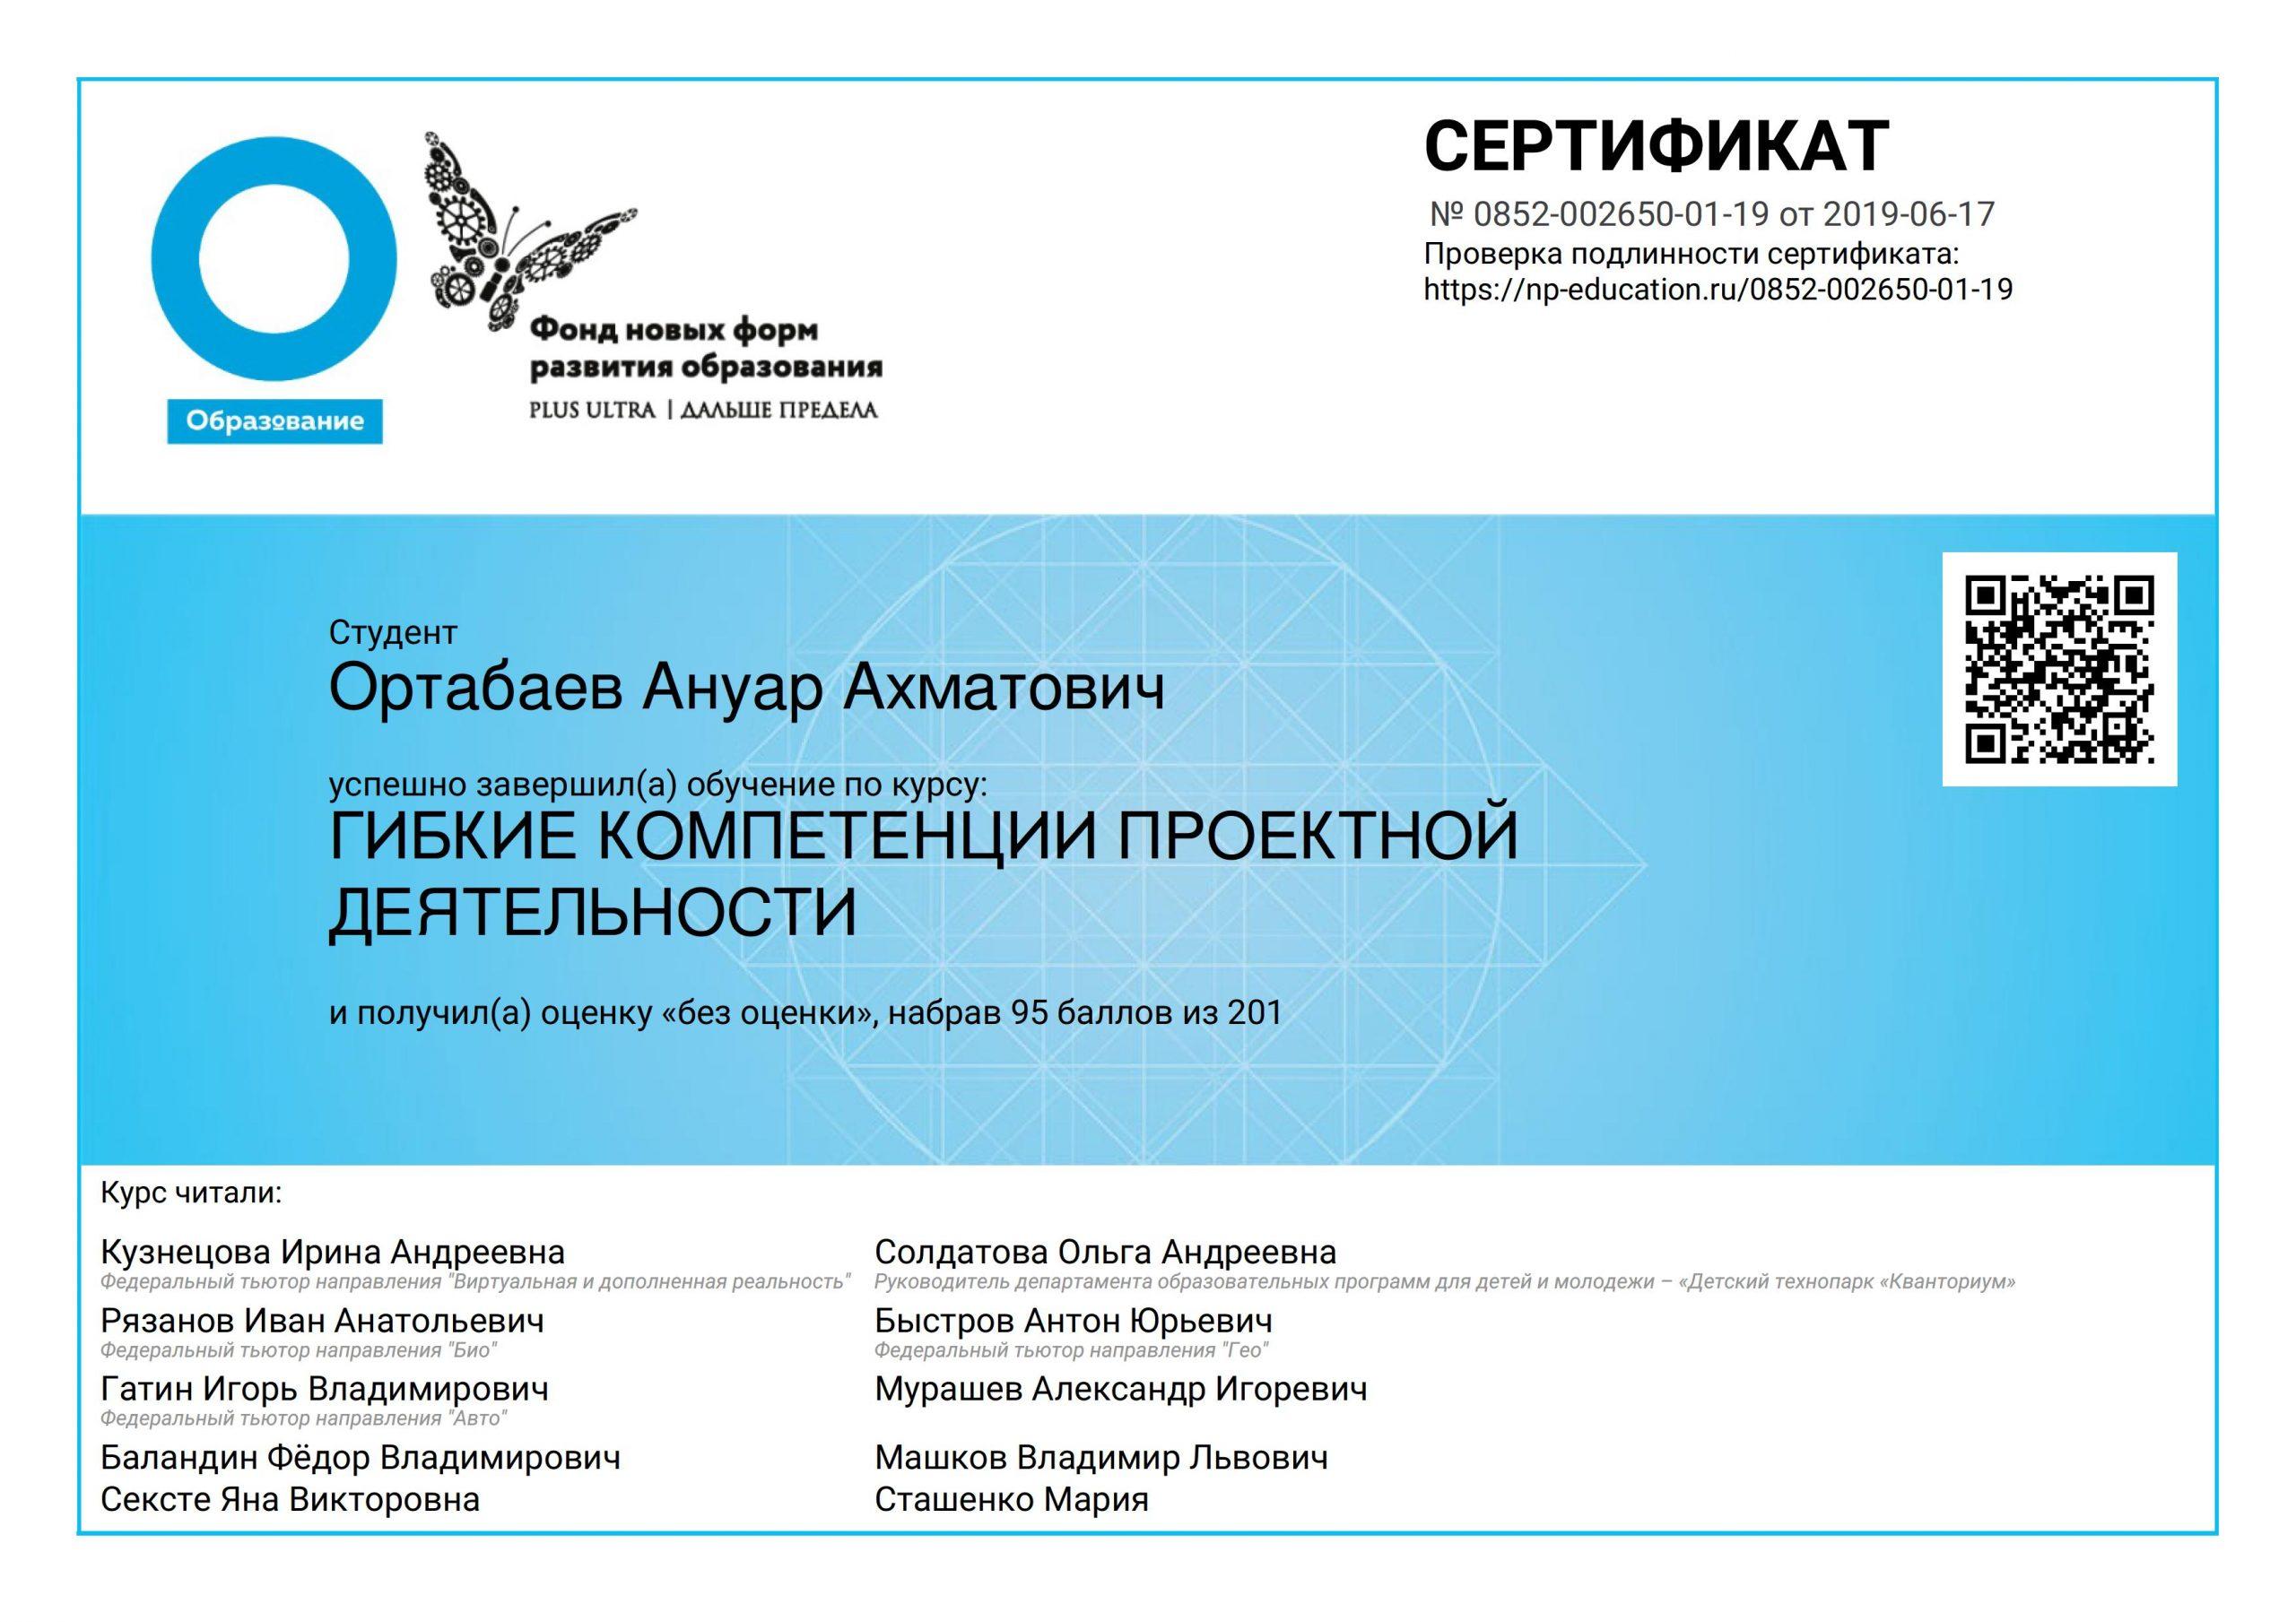 Certificate-0852-002650-01-19